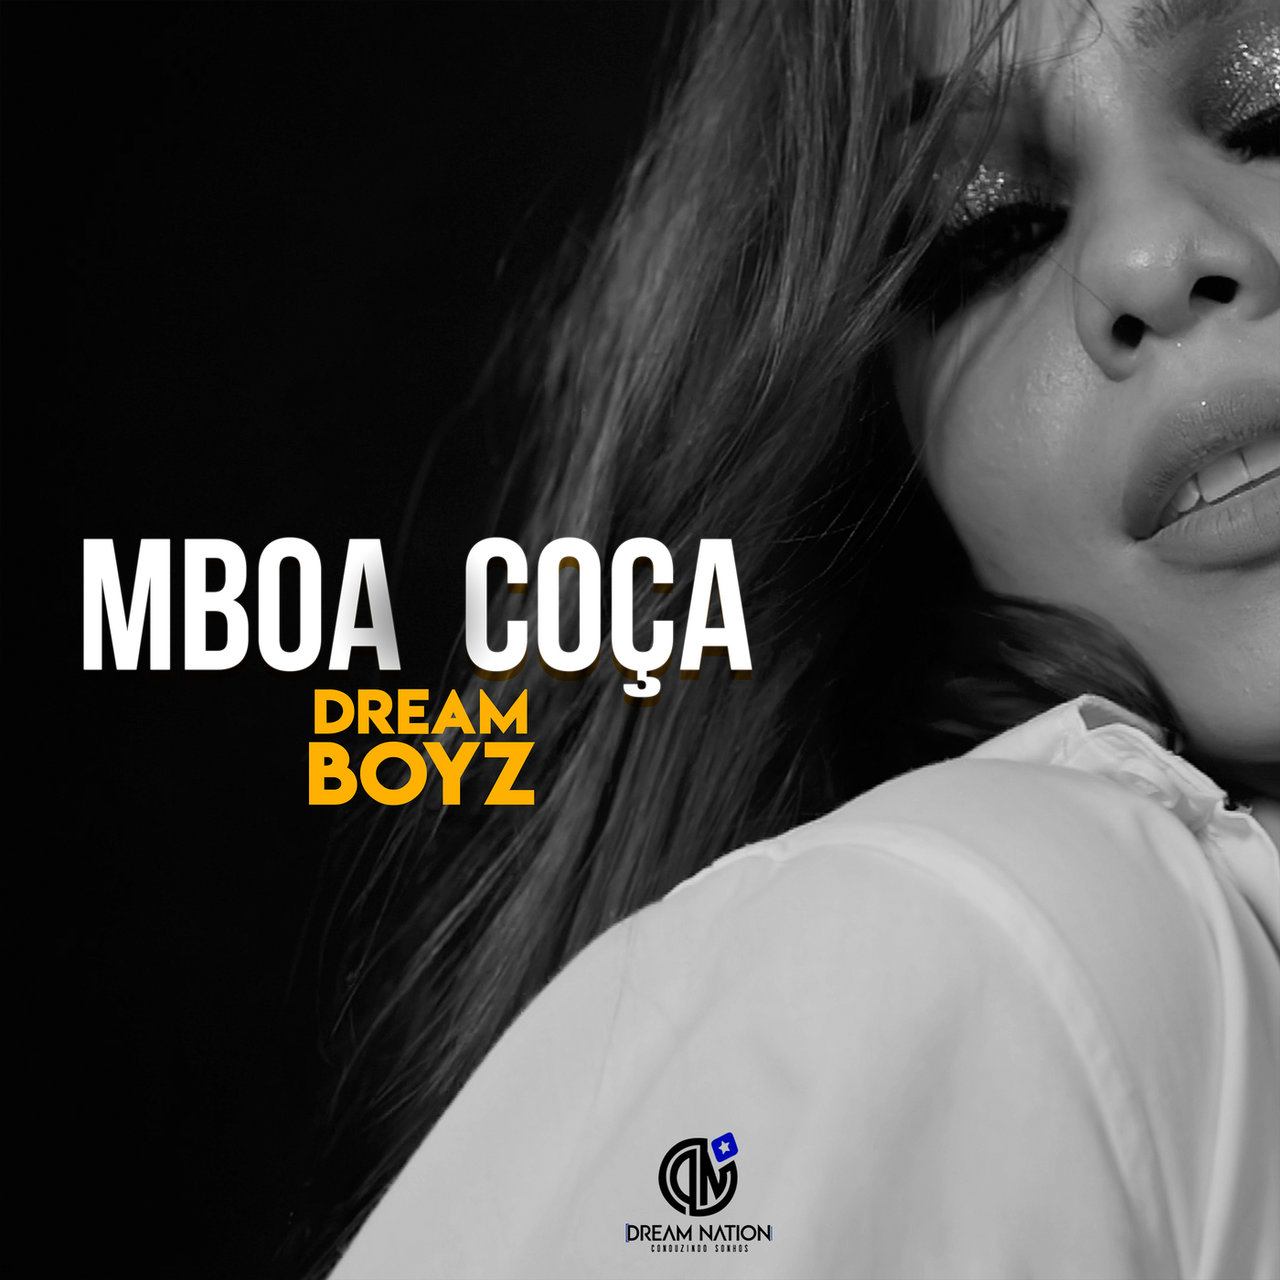 Dream Boyz - Mboa Coça (Cover)